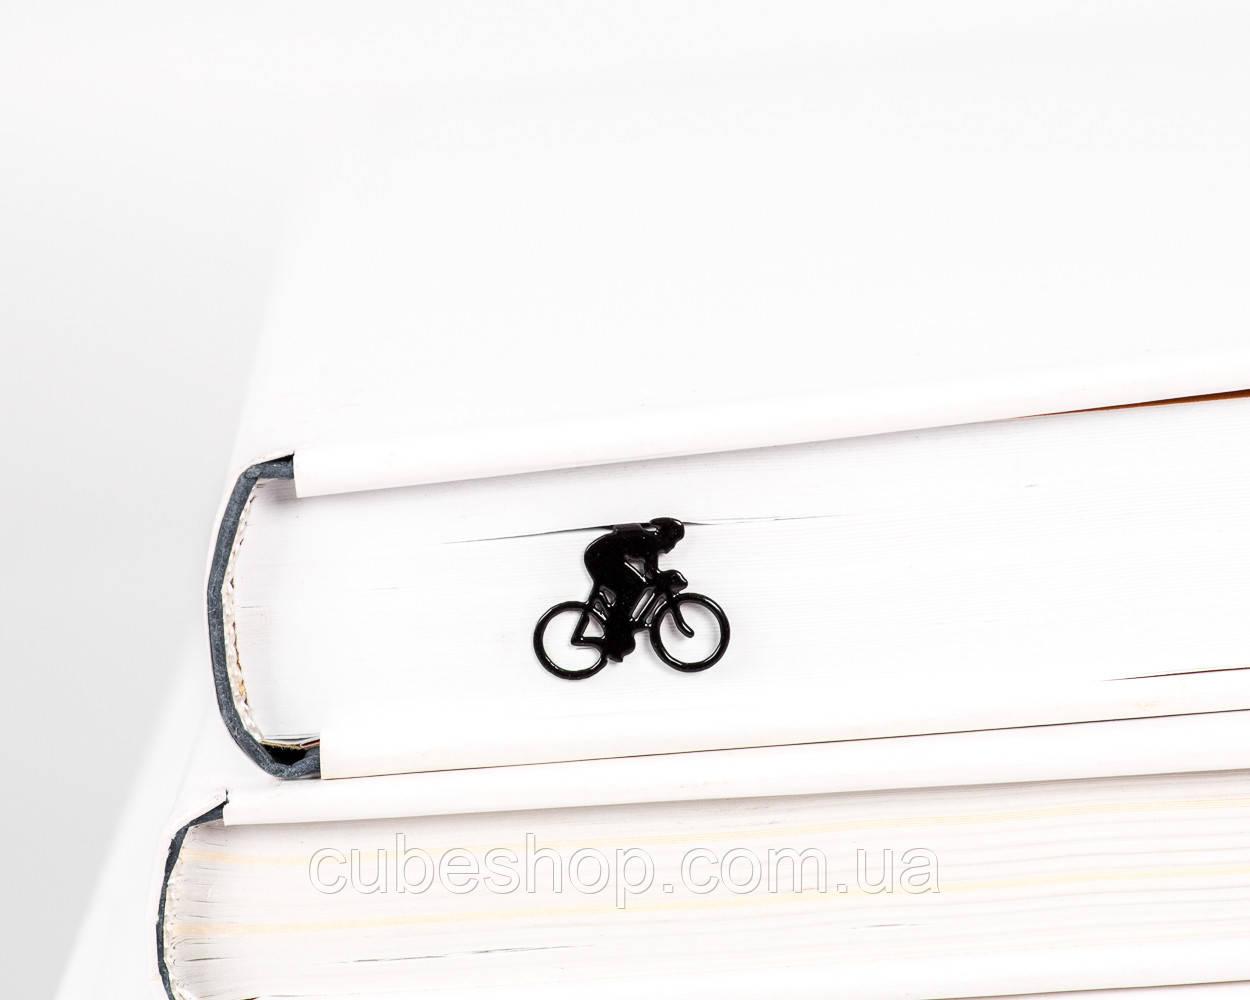 Закладка для книг Велогонщик